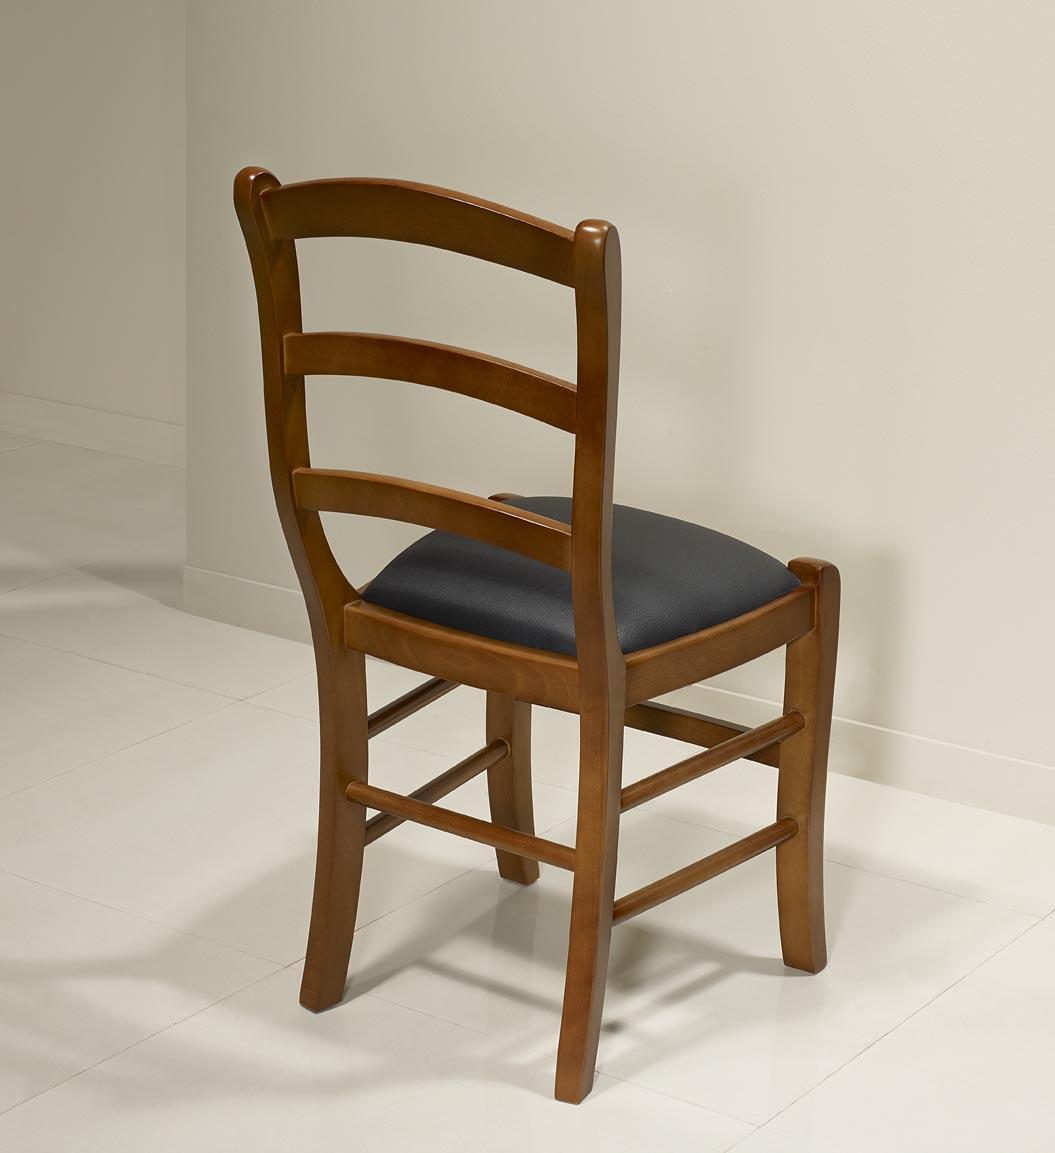 chaise madeleine en h tre massif de style louis philippe meuble en merisier massif. Black Bedroom Furniture Sets. Home Design Ideas